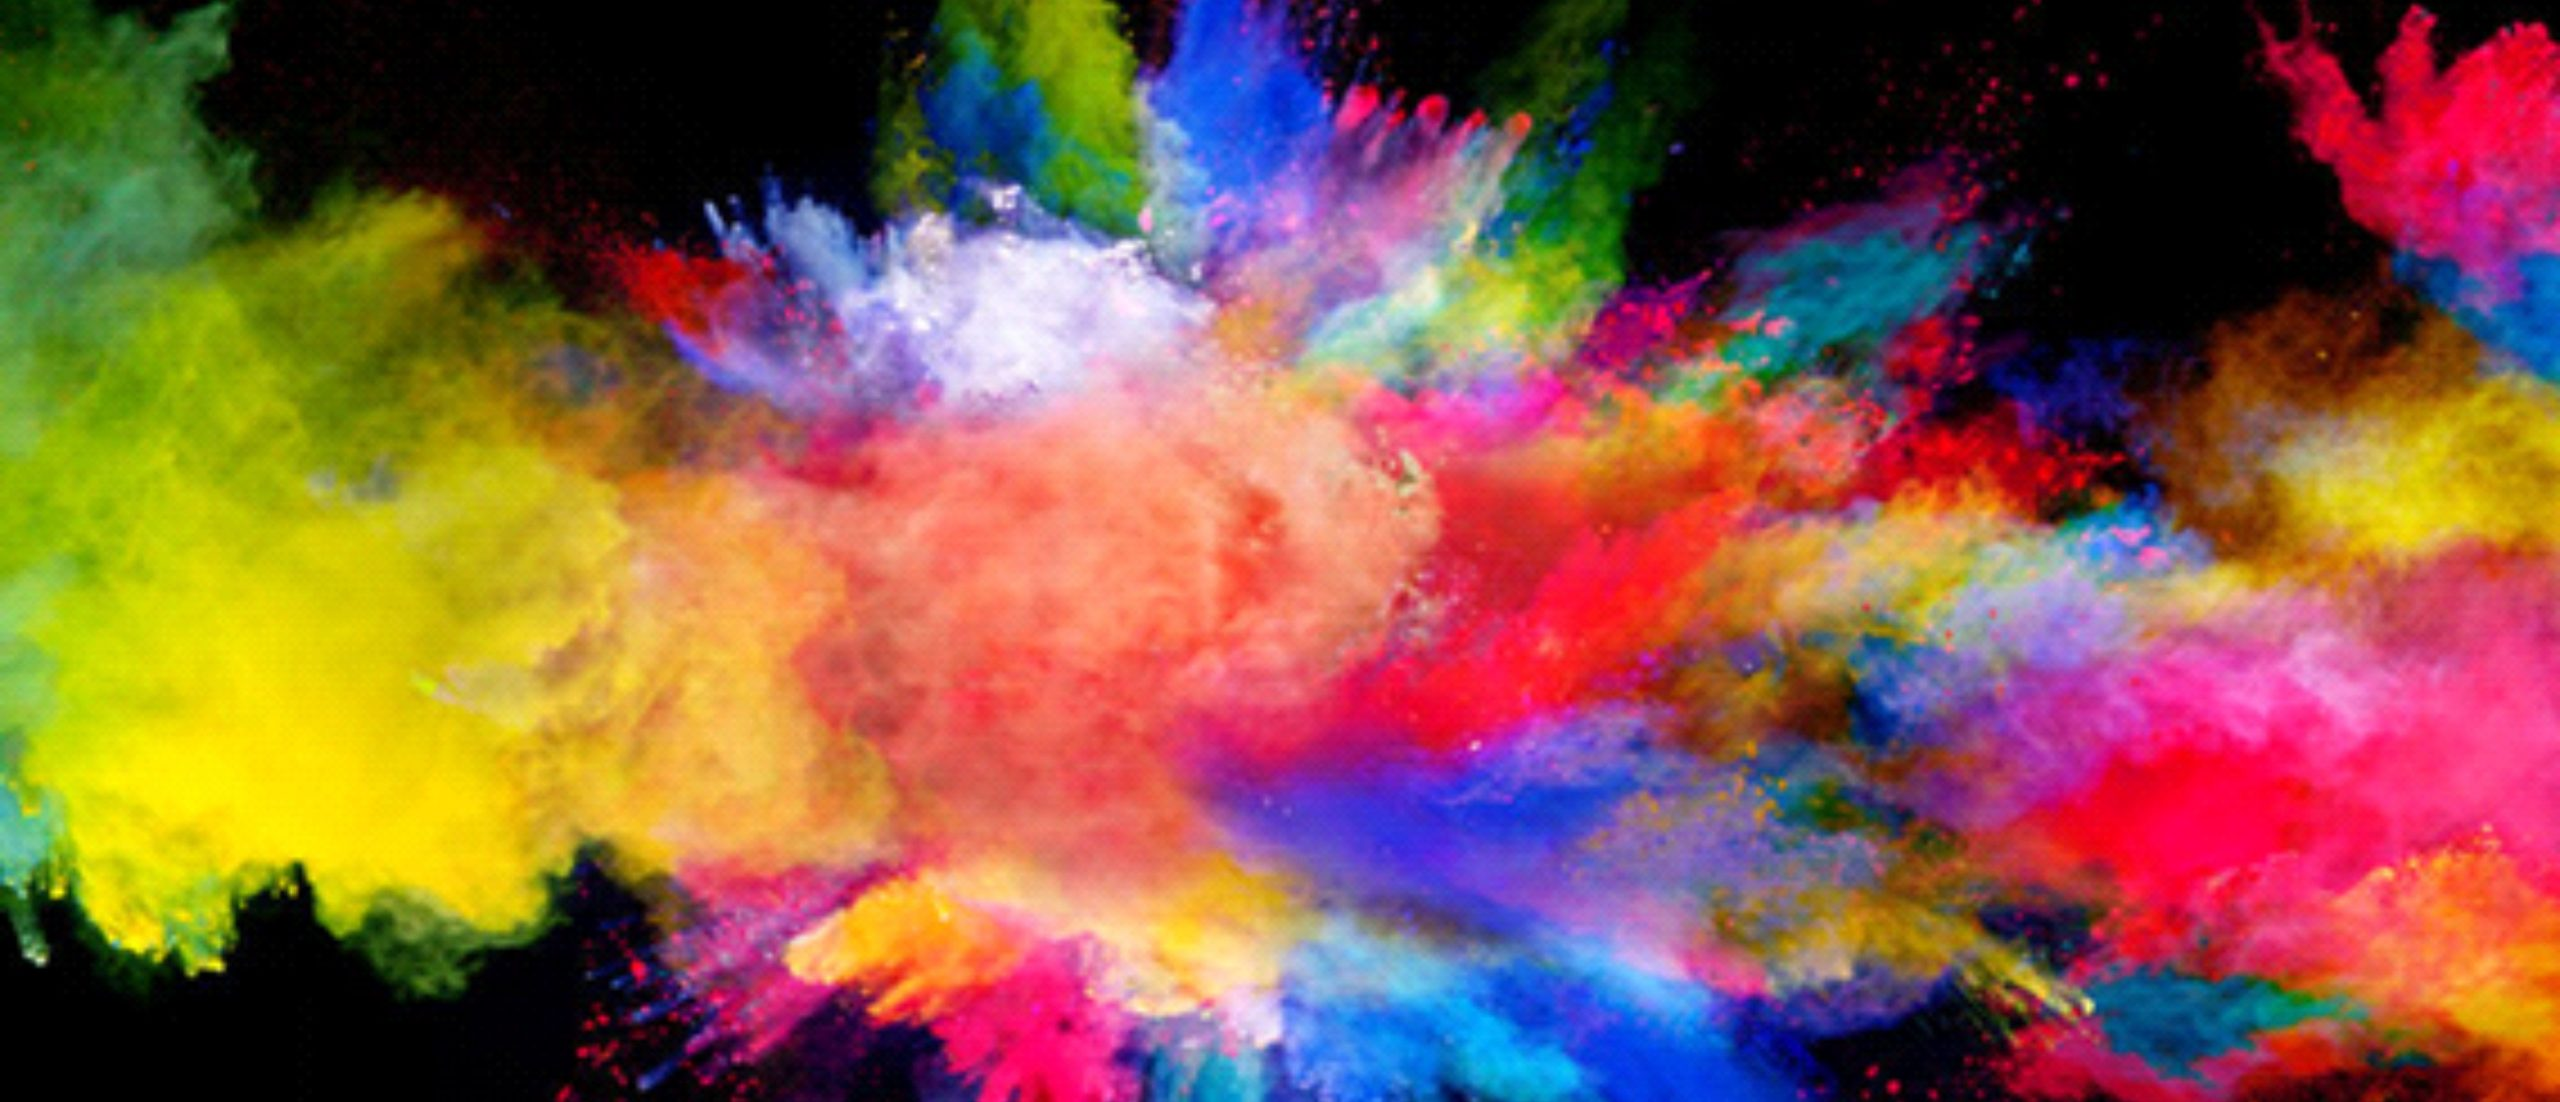 La psicología del color en marketing y diseño